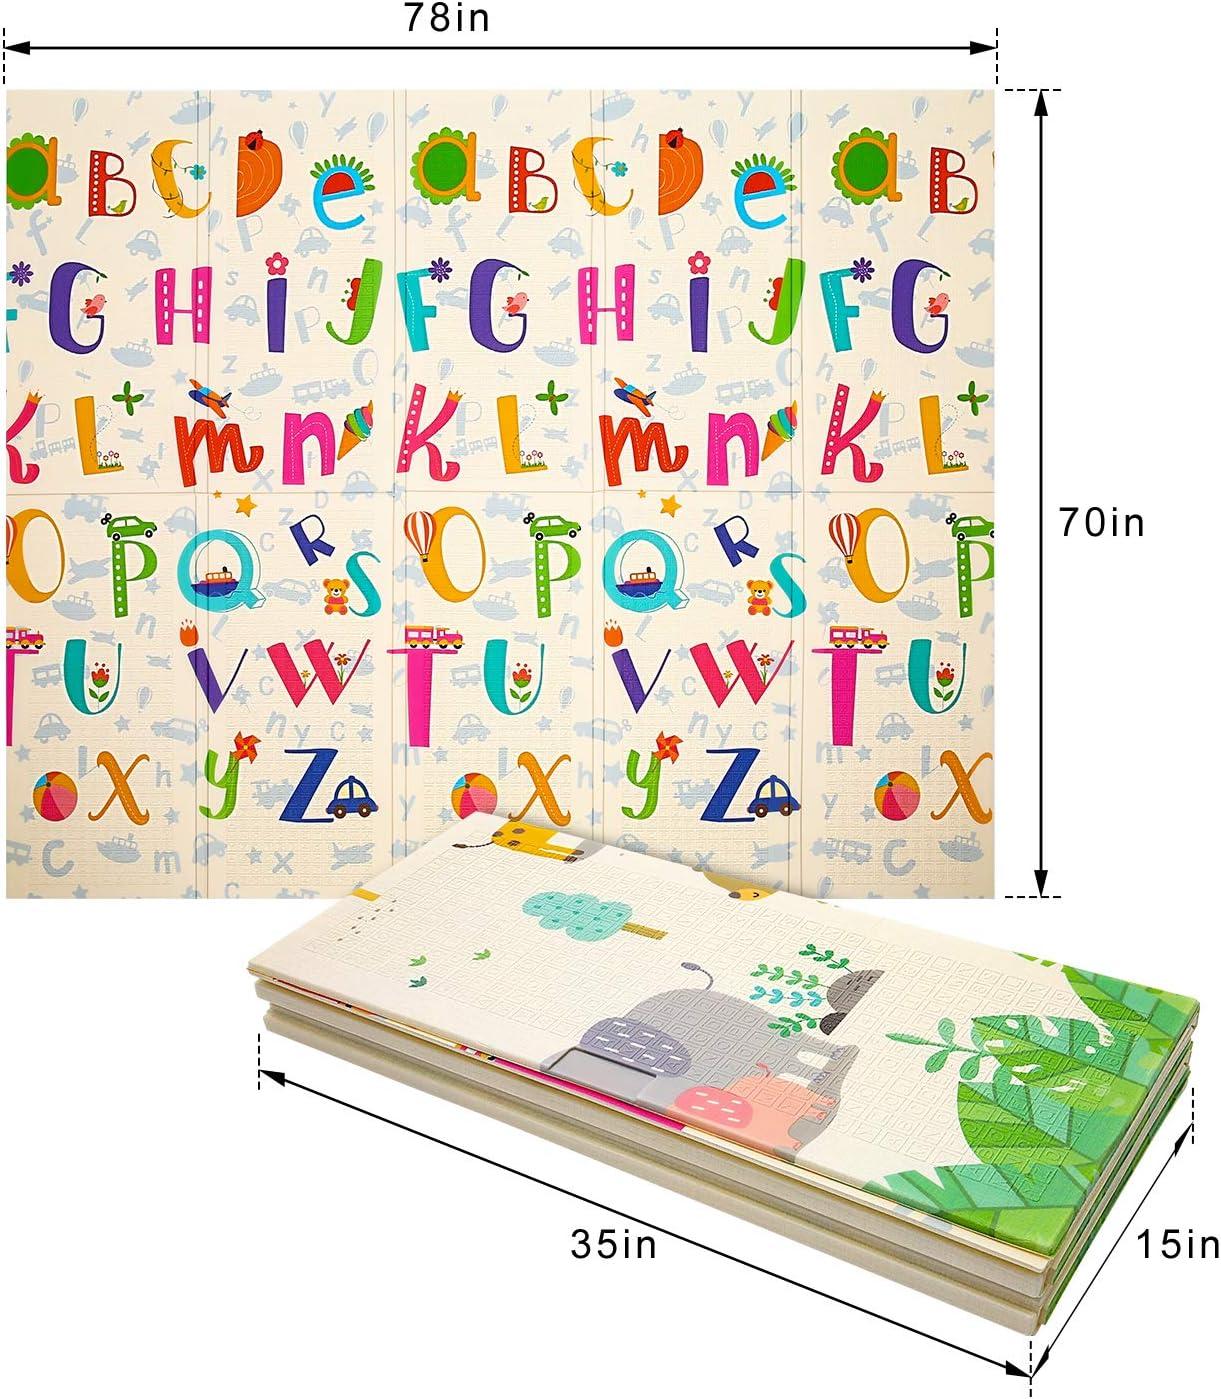 Tapis Pliable Imperm/éable Non Toxique pour Enfant Extra Grand Tapis de Jeu pour B/éb/é For/êt verte + zoo 180 x 200 x 1cm Tapis /Épaissie